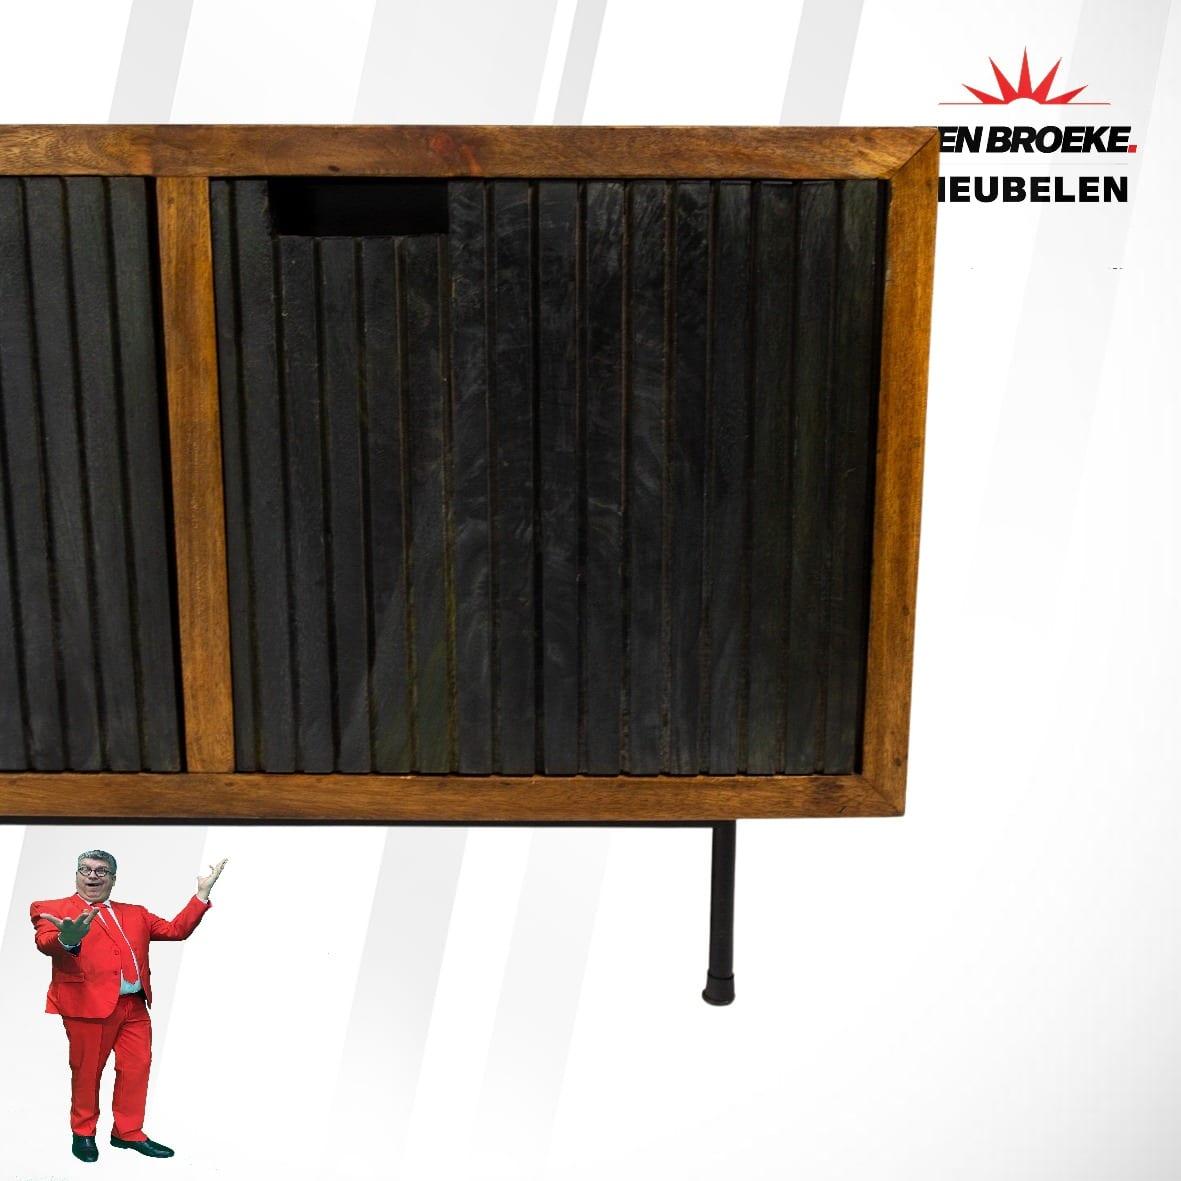 Ten Broeke Meubelen kokomo TV kast 5